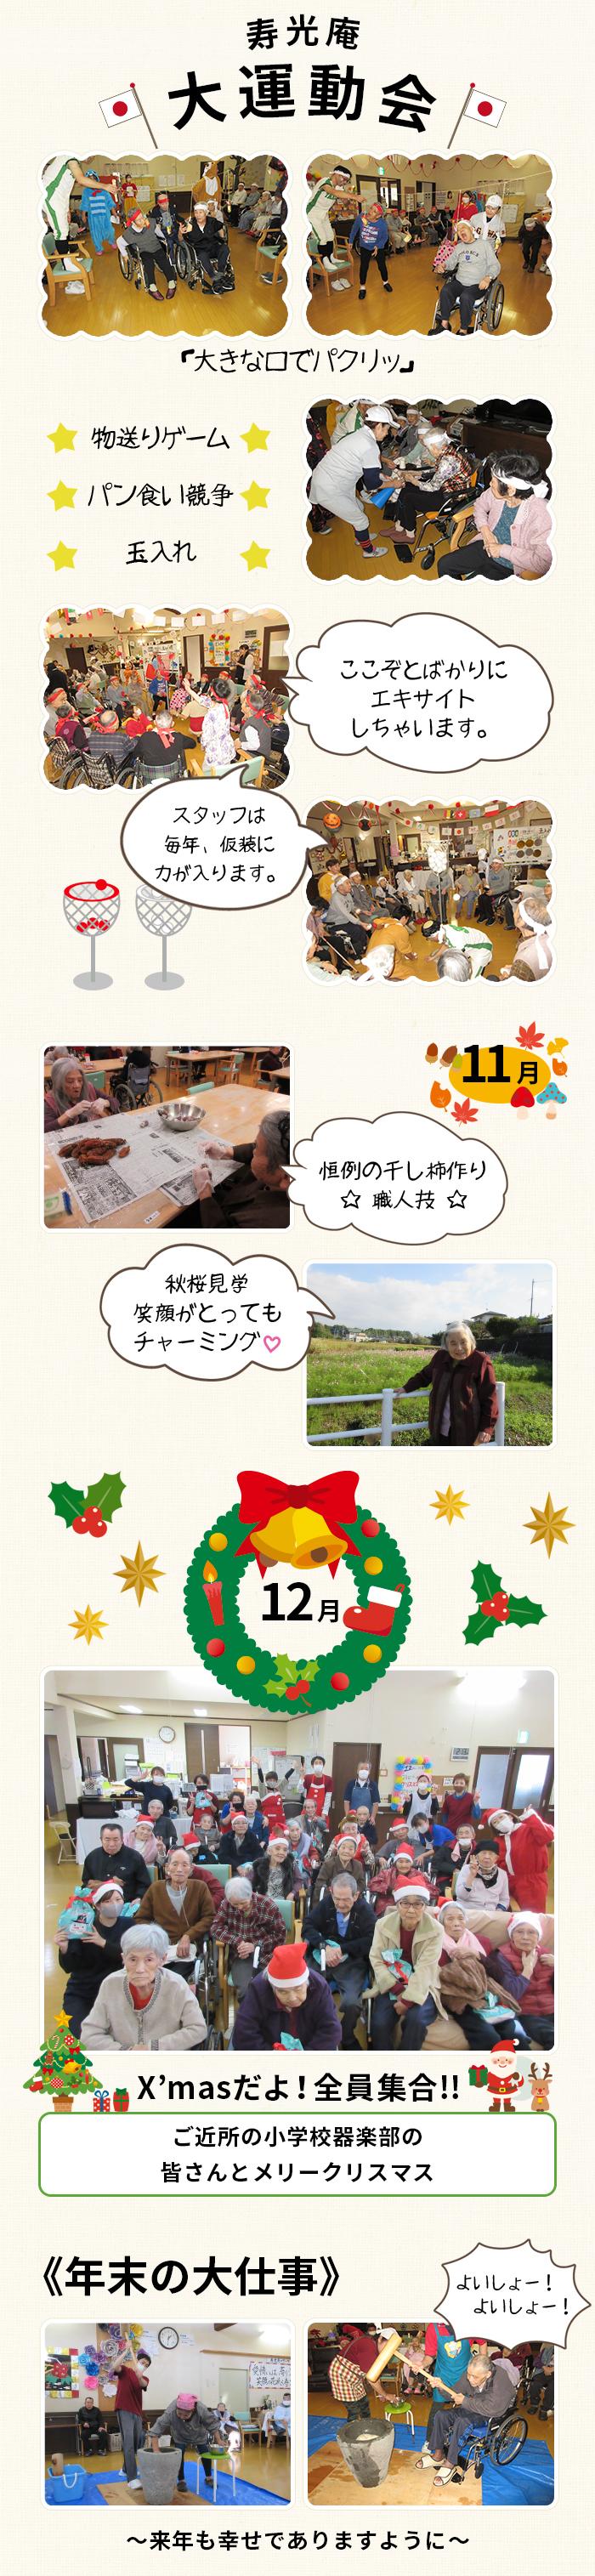 寿光苑年間行事9-12月